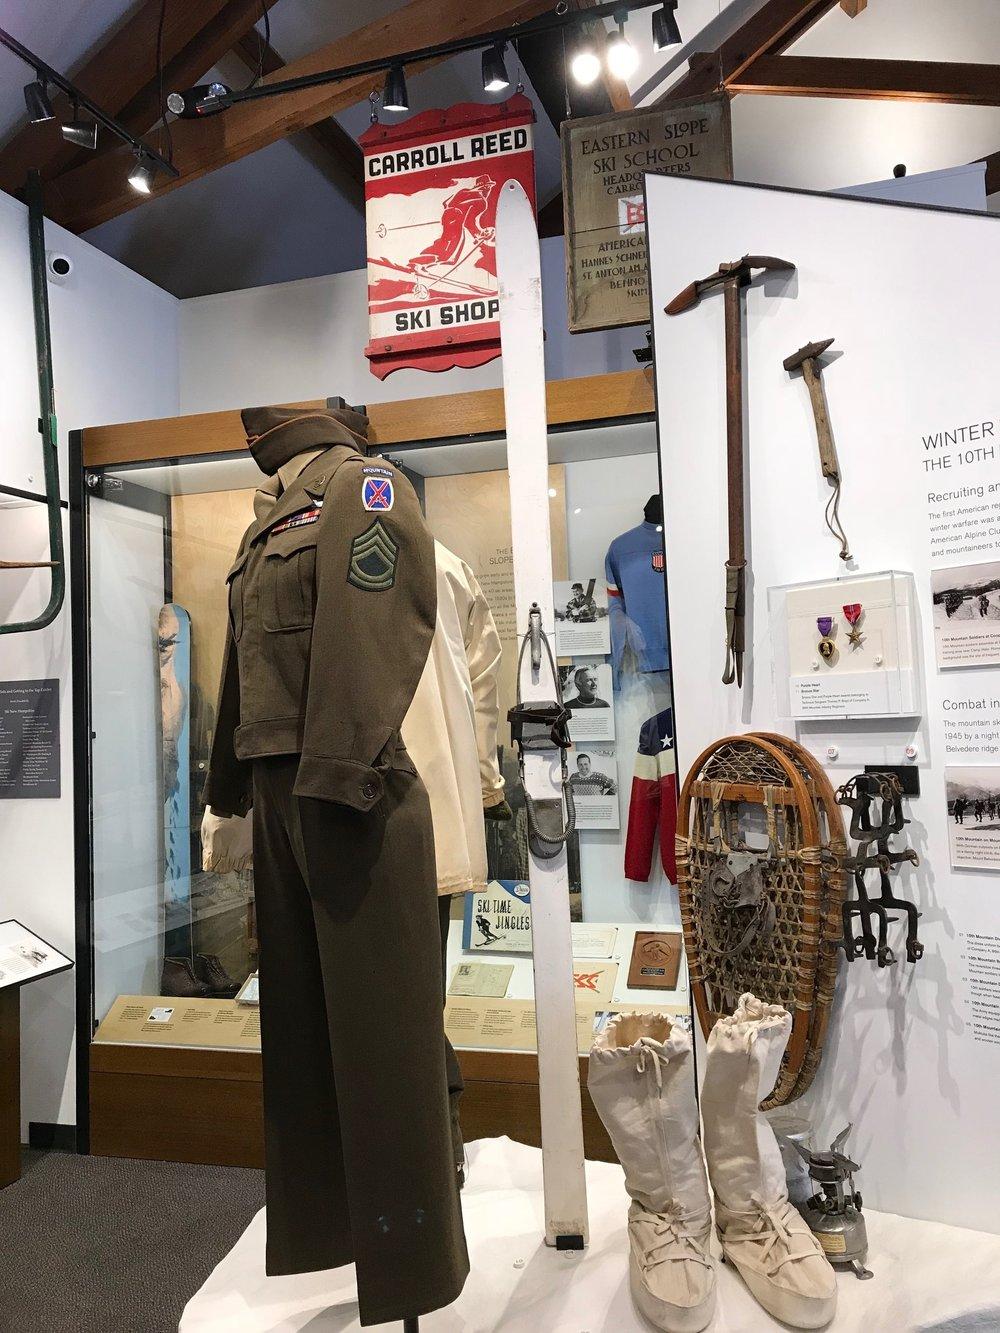 10th Mt. Division display